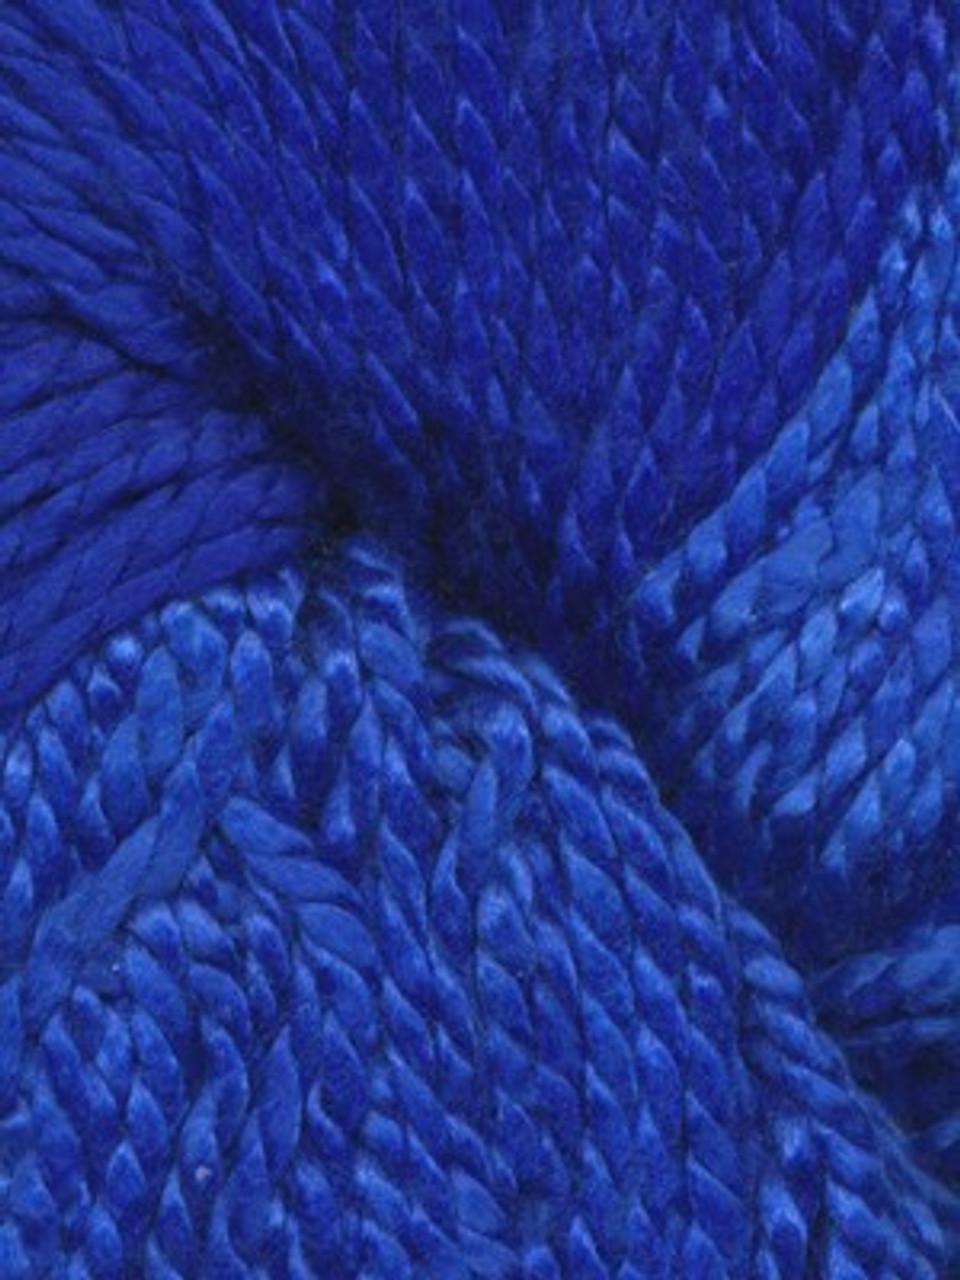 Araucania Mana 100% Silk Yarn